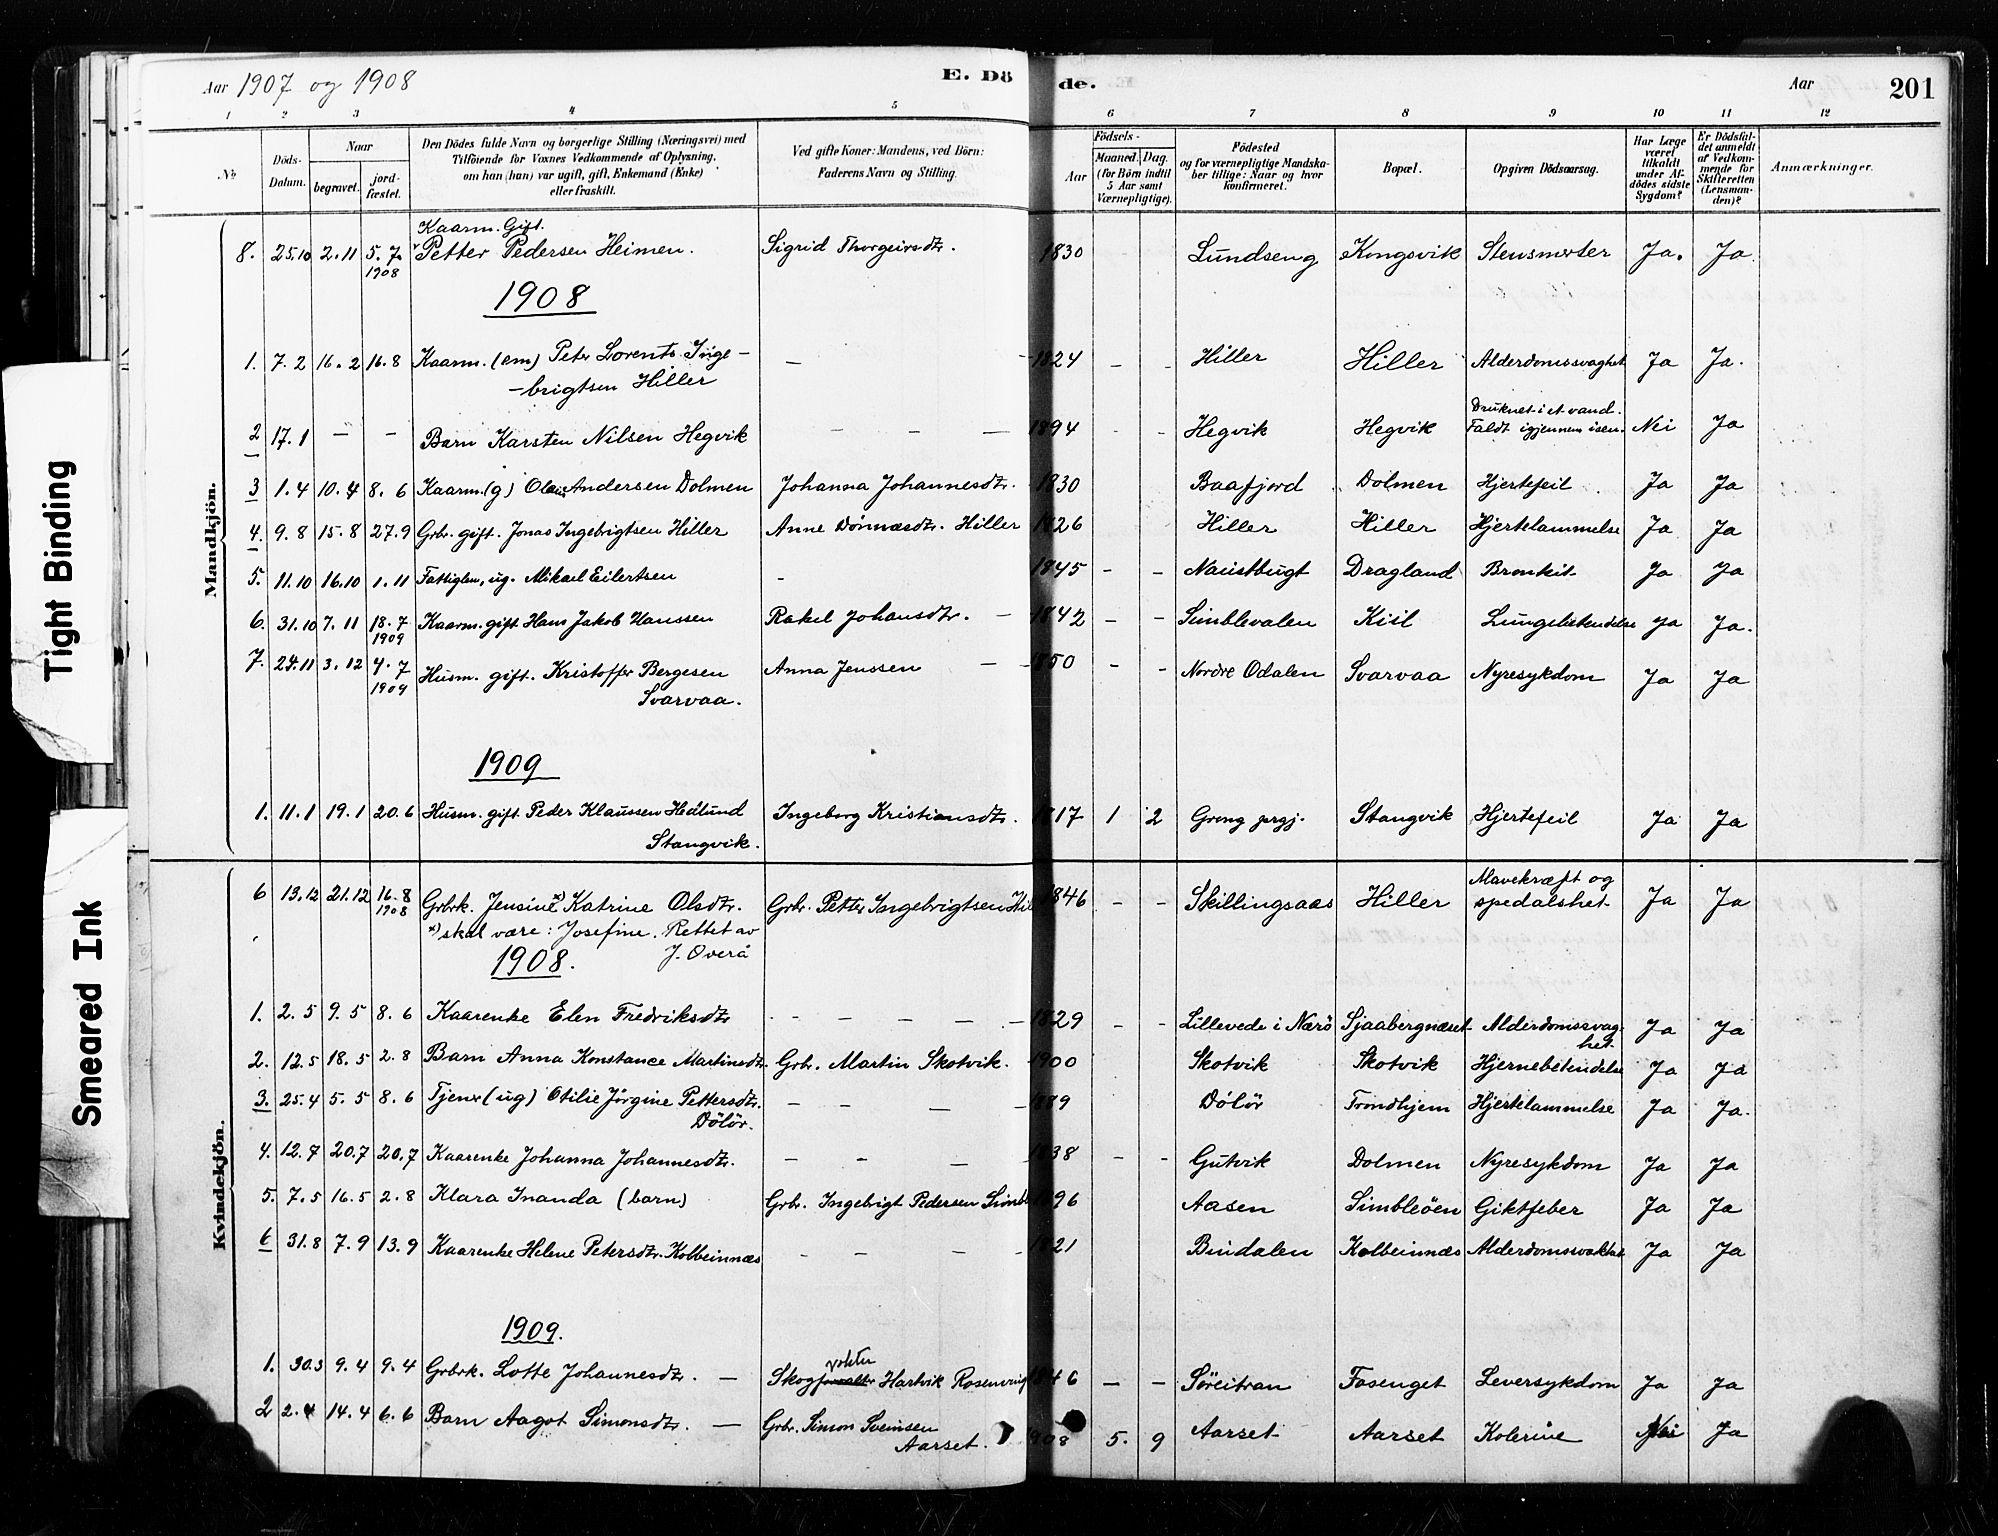 SAT, Ministerialprotokoller, klokkerbøker og fødselsregistre - Nord-Trøndelag, 789/L0705: Ministerialbok nr. 789A01, 1878-1910, s. 201